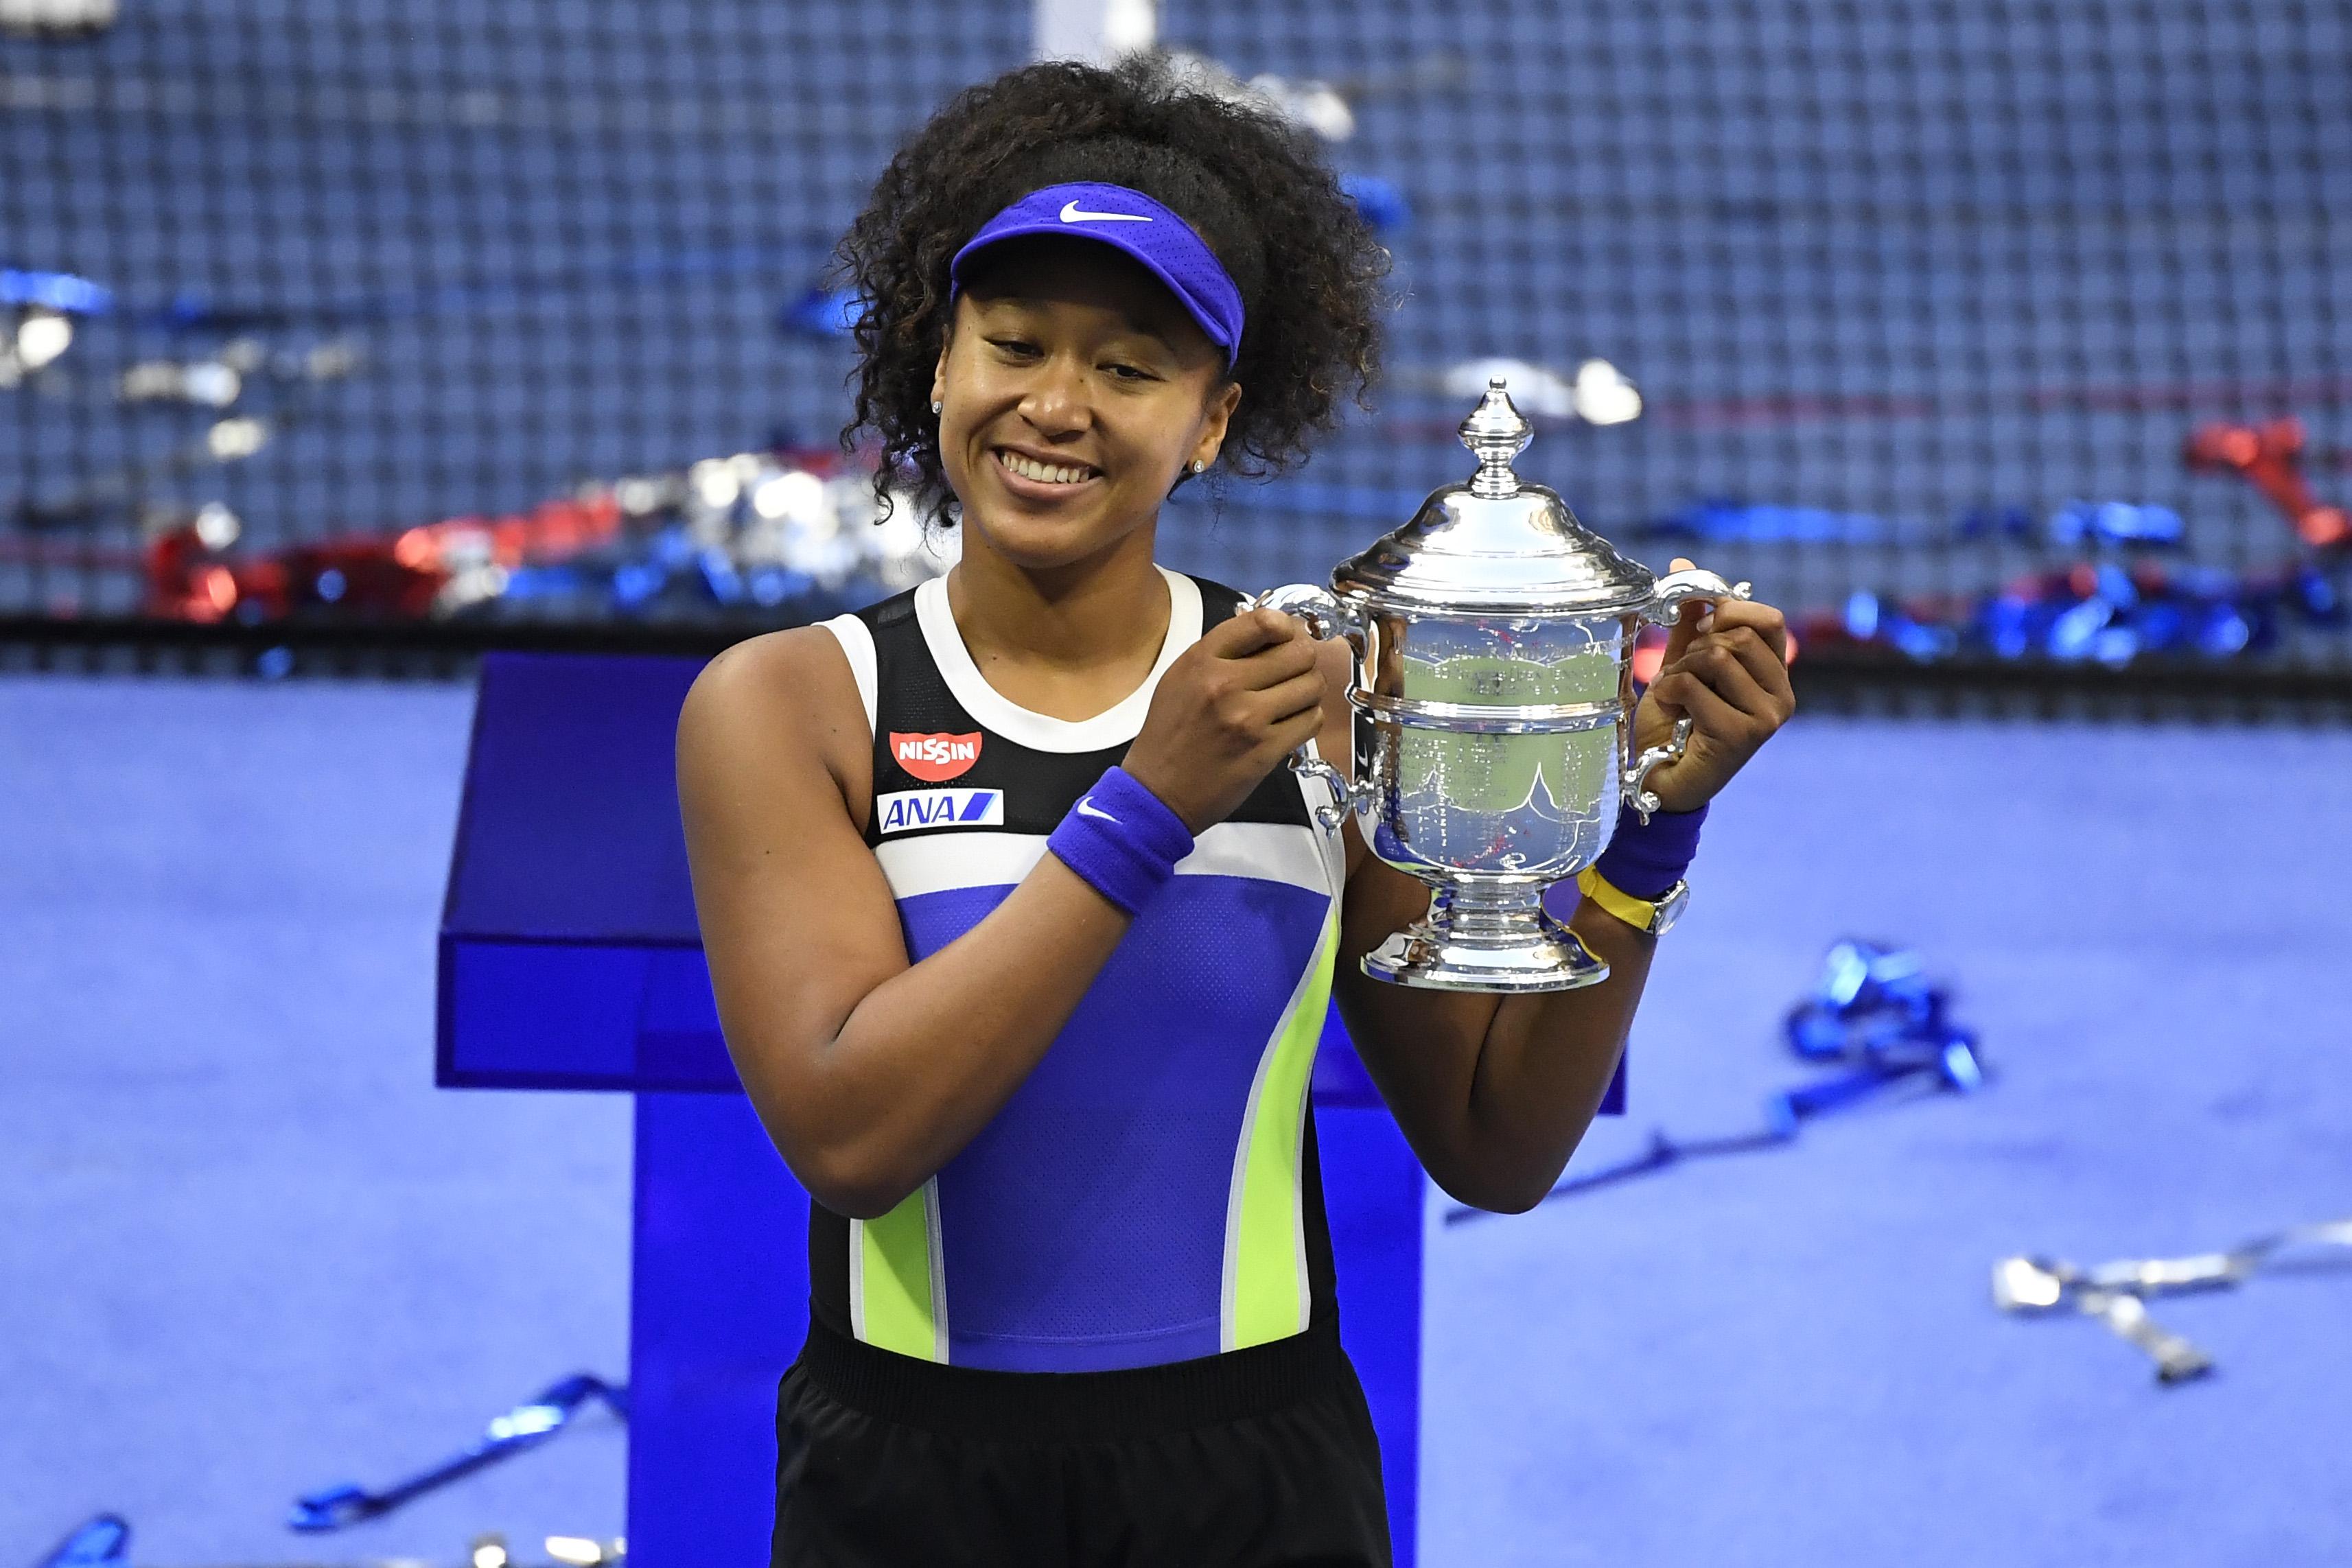 Naomi Osaka wins 2020 U.S. Open